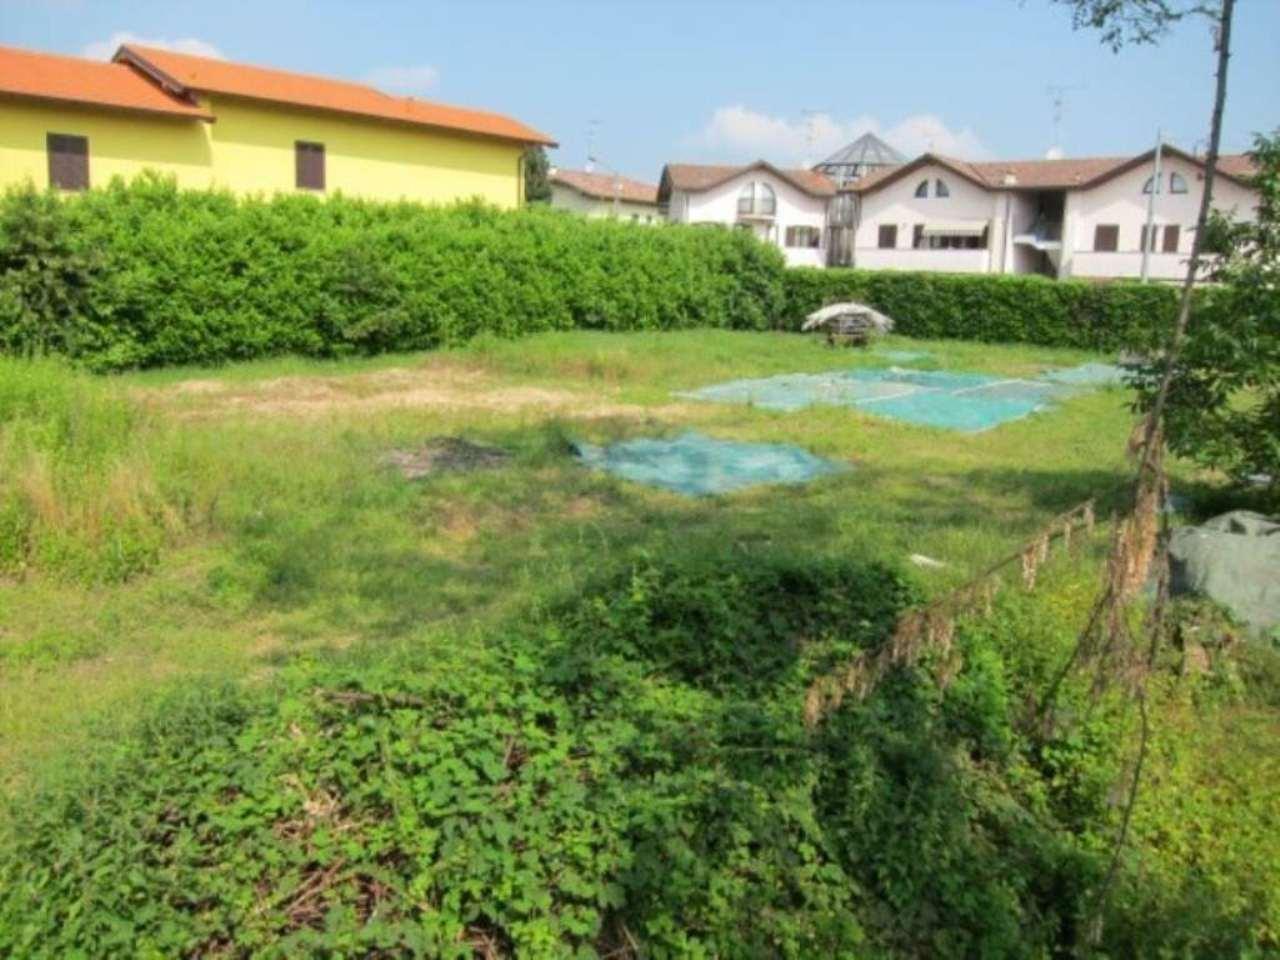 Terreno Edificabile Residenziale in vendita a Besnate, 9999 locali, prezzo € 195.000 | Cambio Casa.it